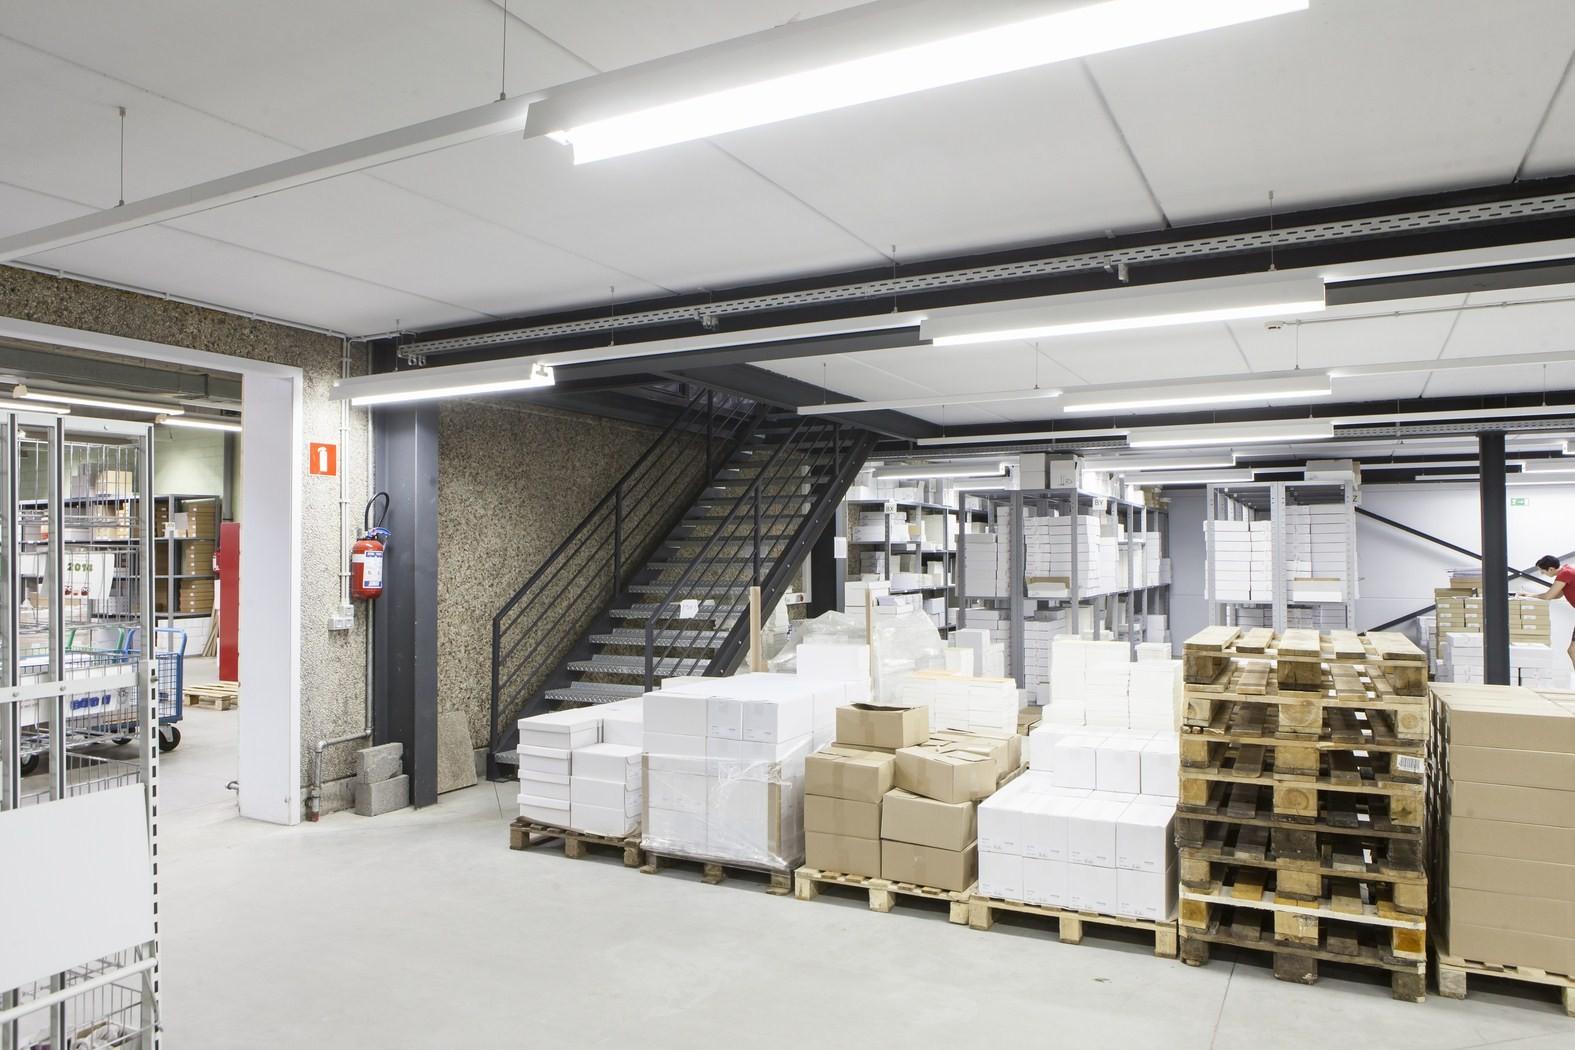 Drukkerij Buromac_Brugge_kantoren_productieruimte_stockageruimte (7).jpg